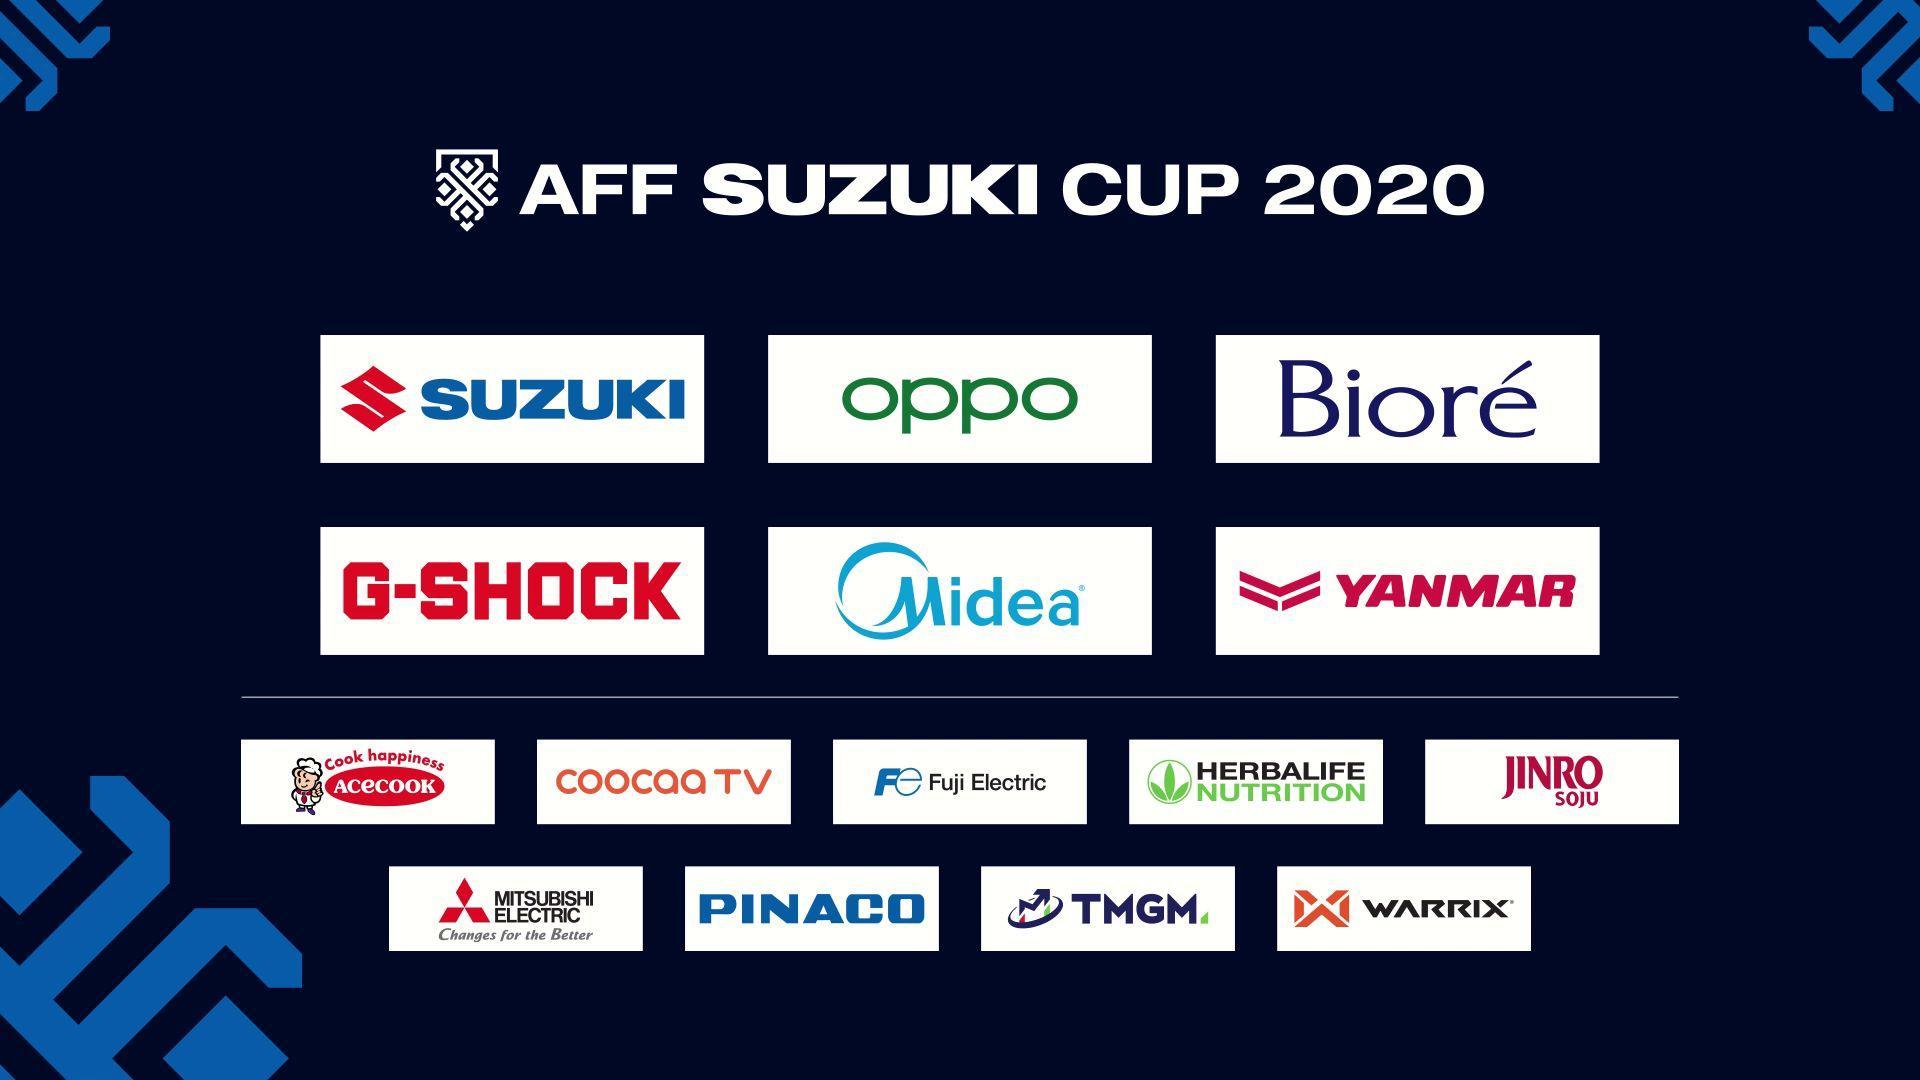 OPPO chính thức đồng hành cùng AFF Suzuki Cup 2020